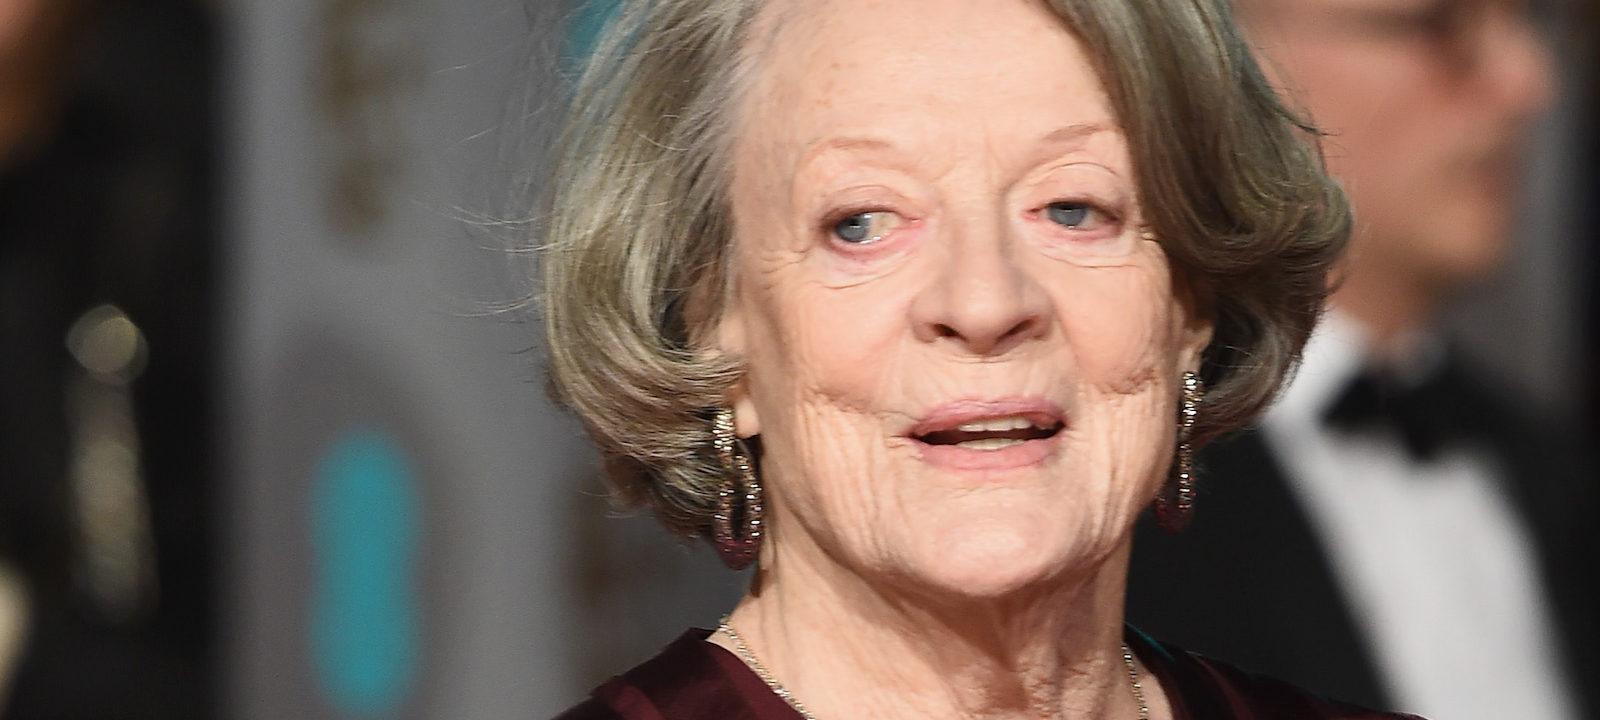 Barbara Rush